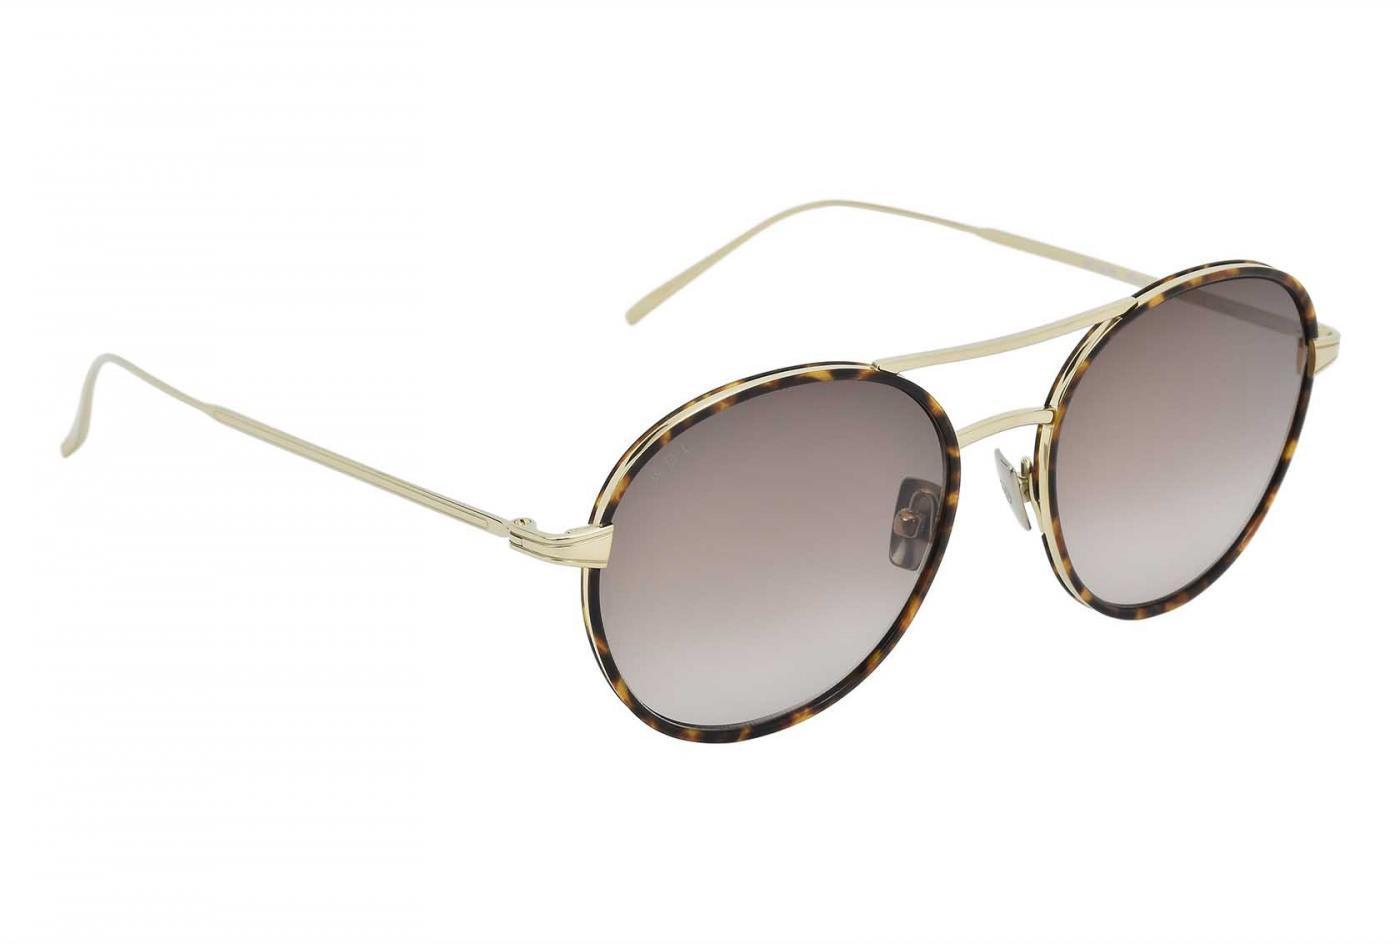 kbl eyewear – Kbl triumph - triumph- st951 størrelse 53 på brodersen + kobborg